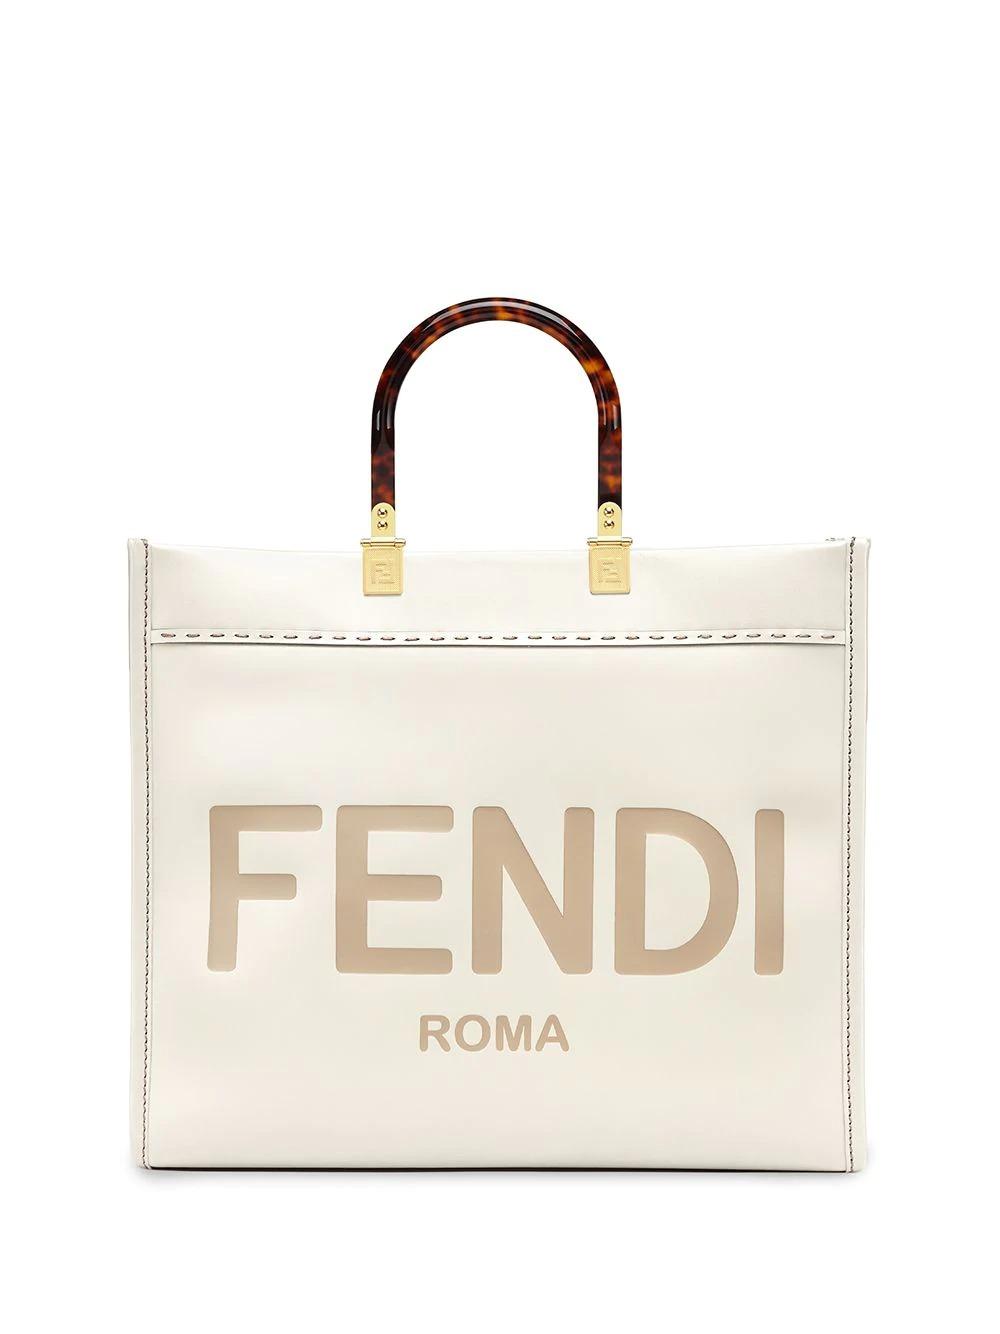 Fendi Medium Sunshine Shopper in white for best designer tote bags for travel